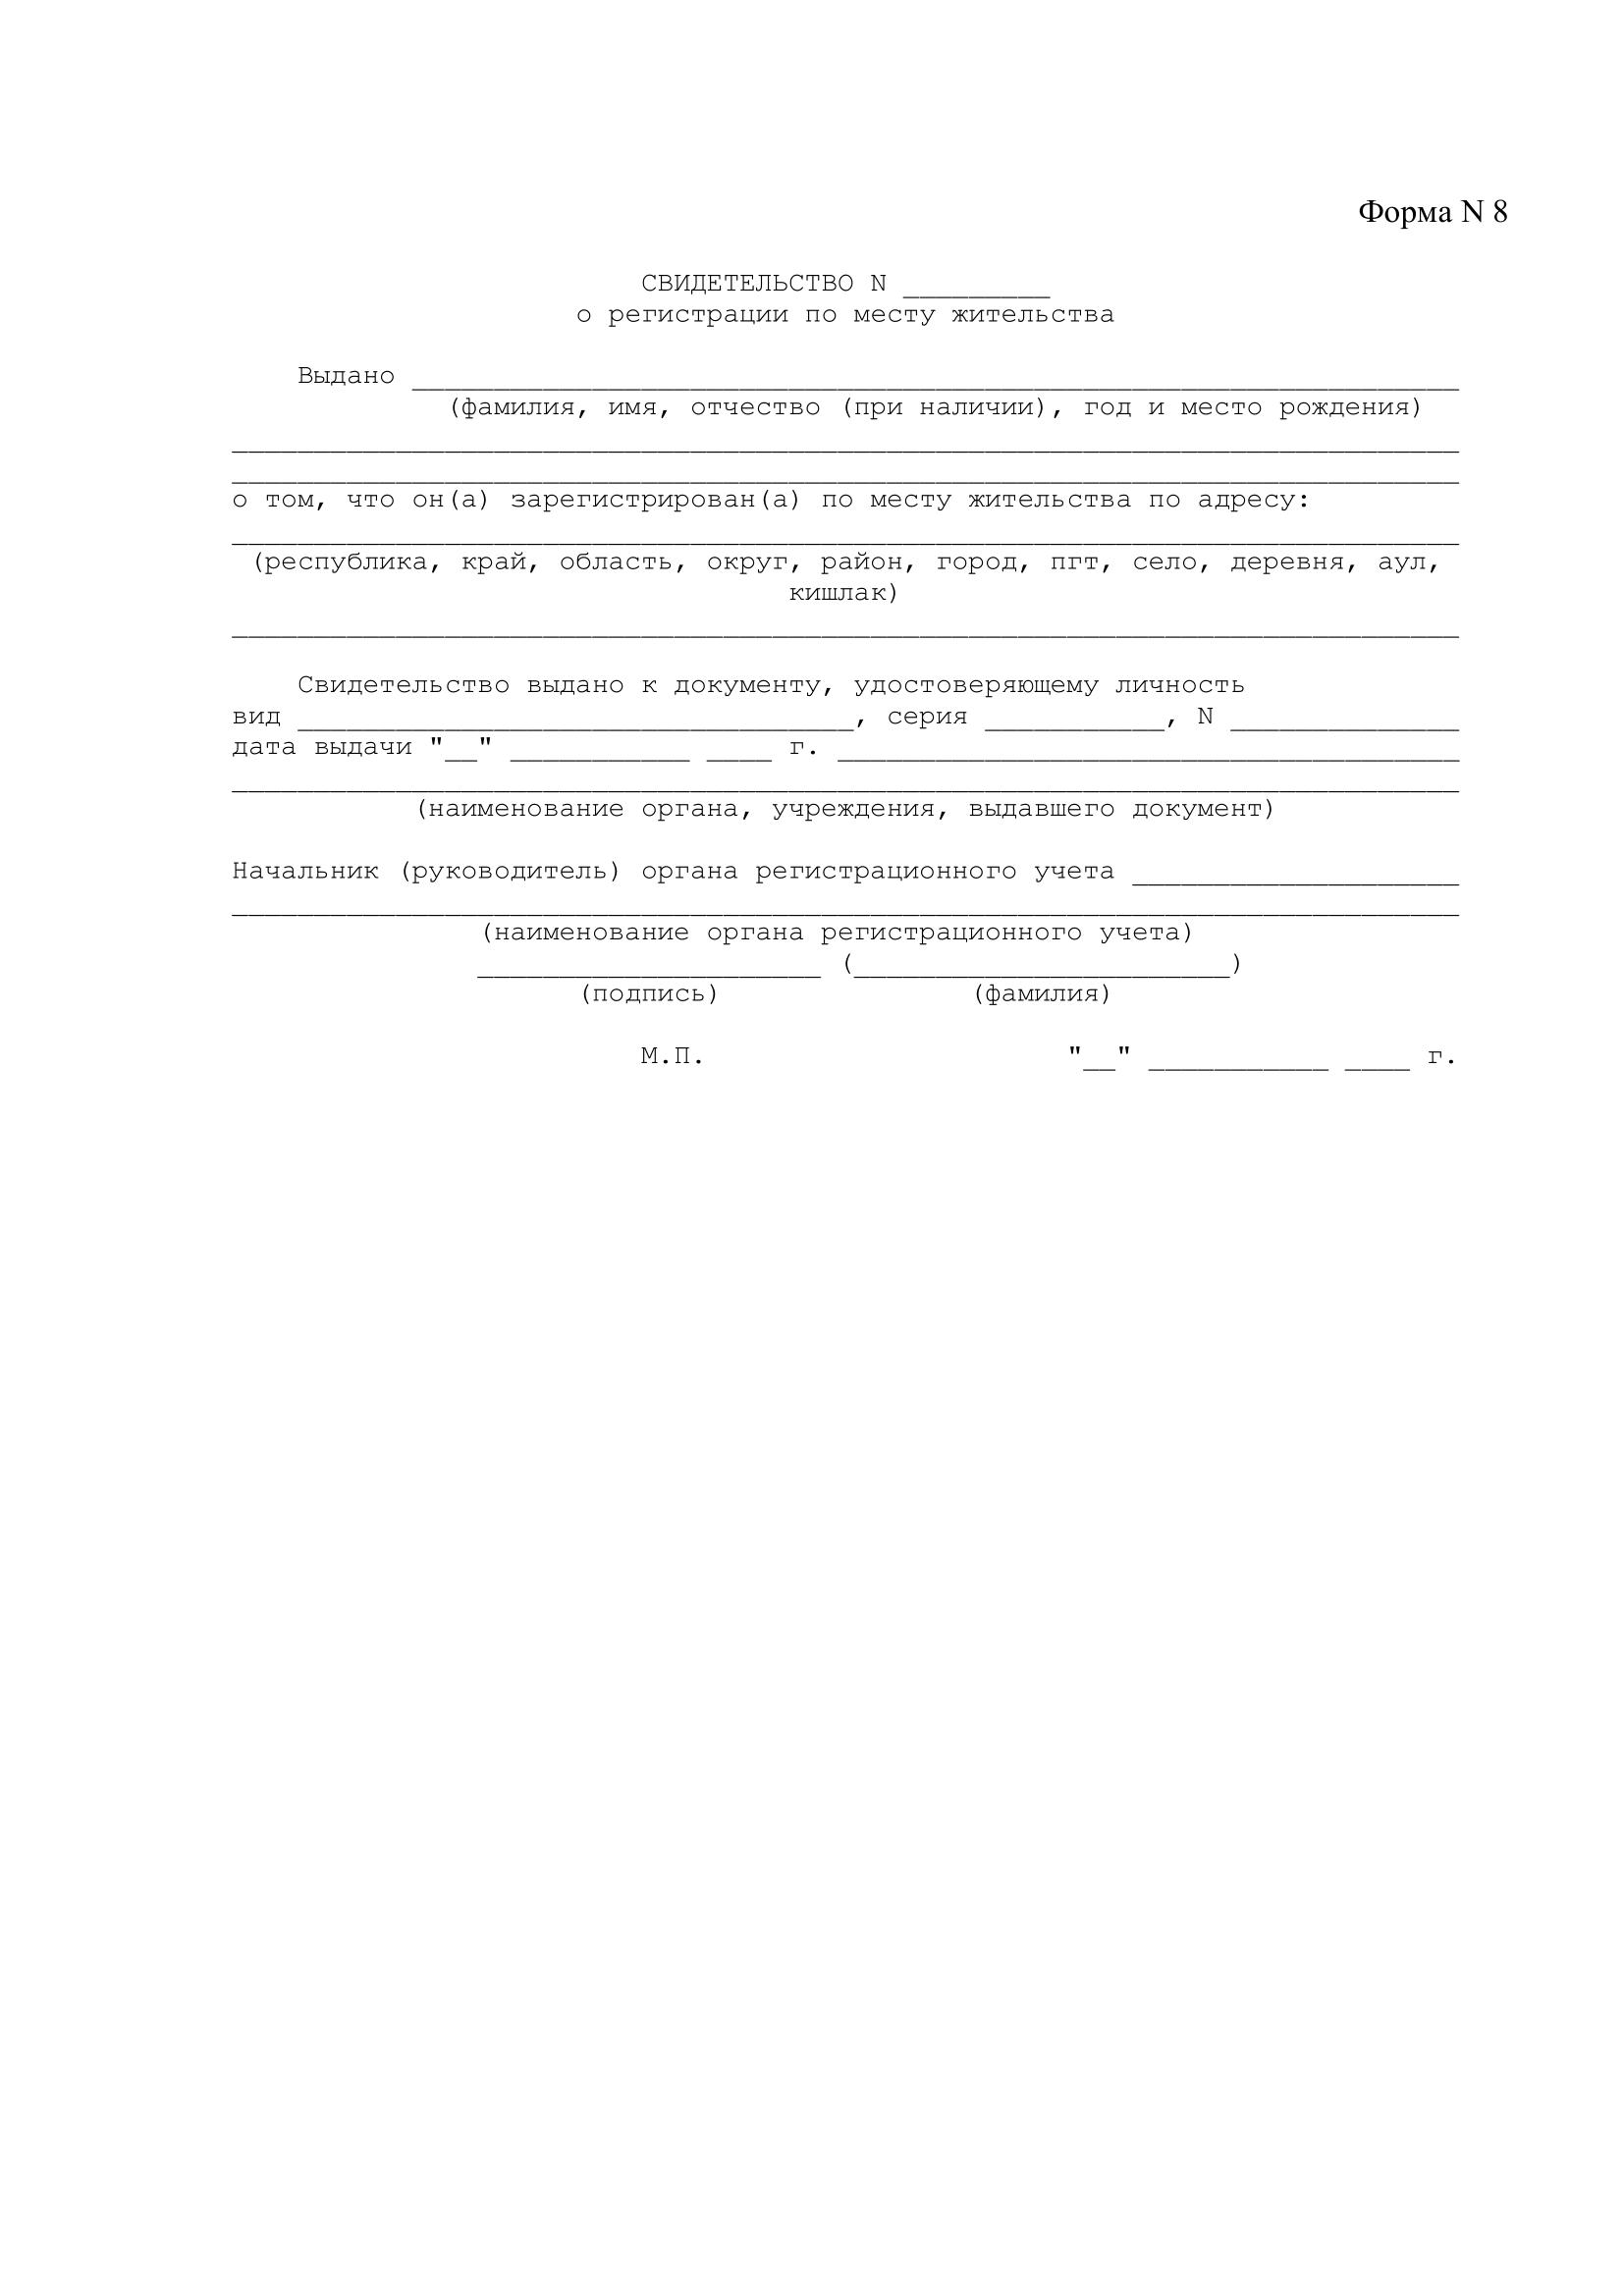 Свидетельство о регистрации по месту жительства (Форма №8)